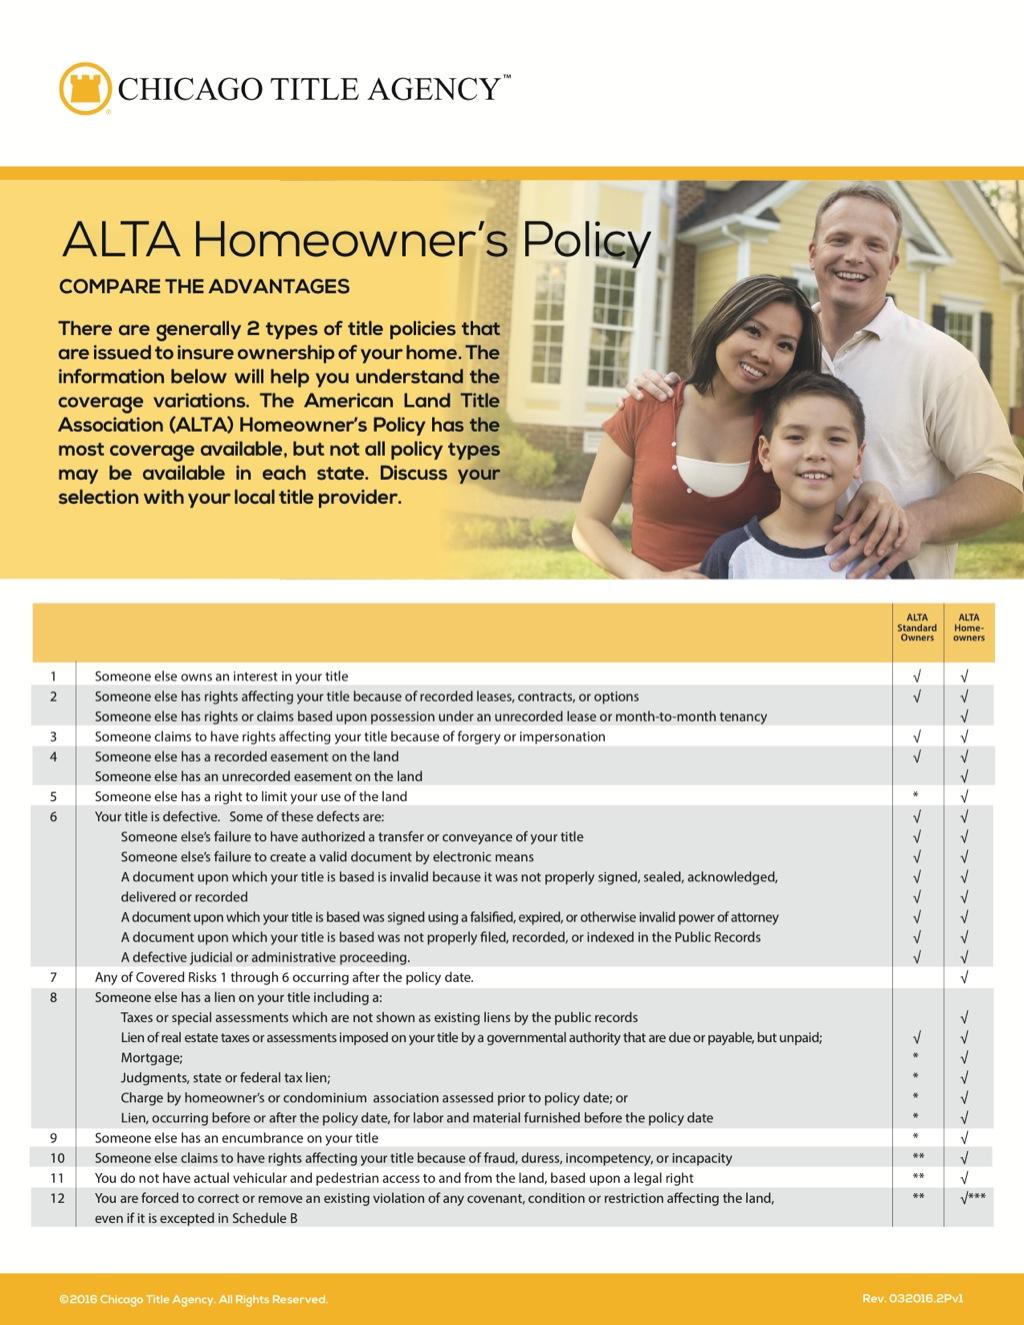 Corefact ALTA 2-Policy v1 compare - CTA